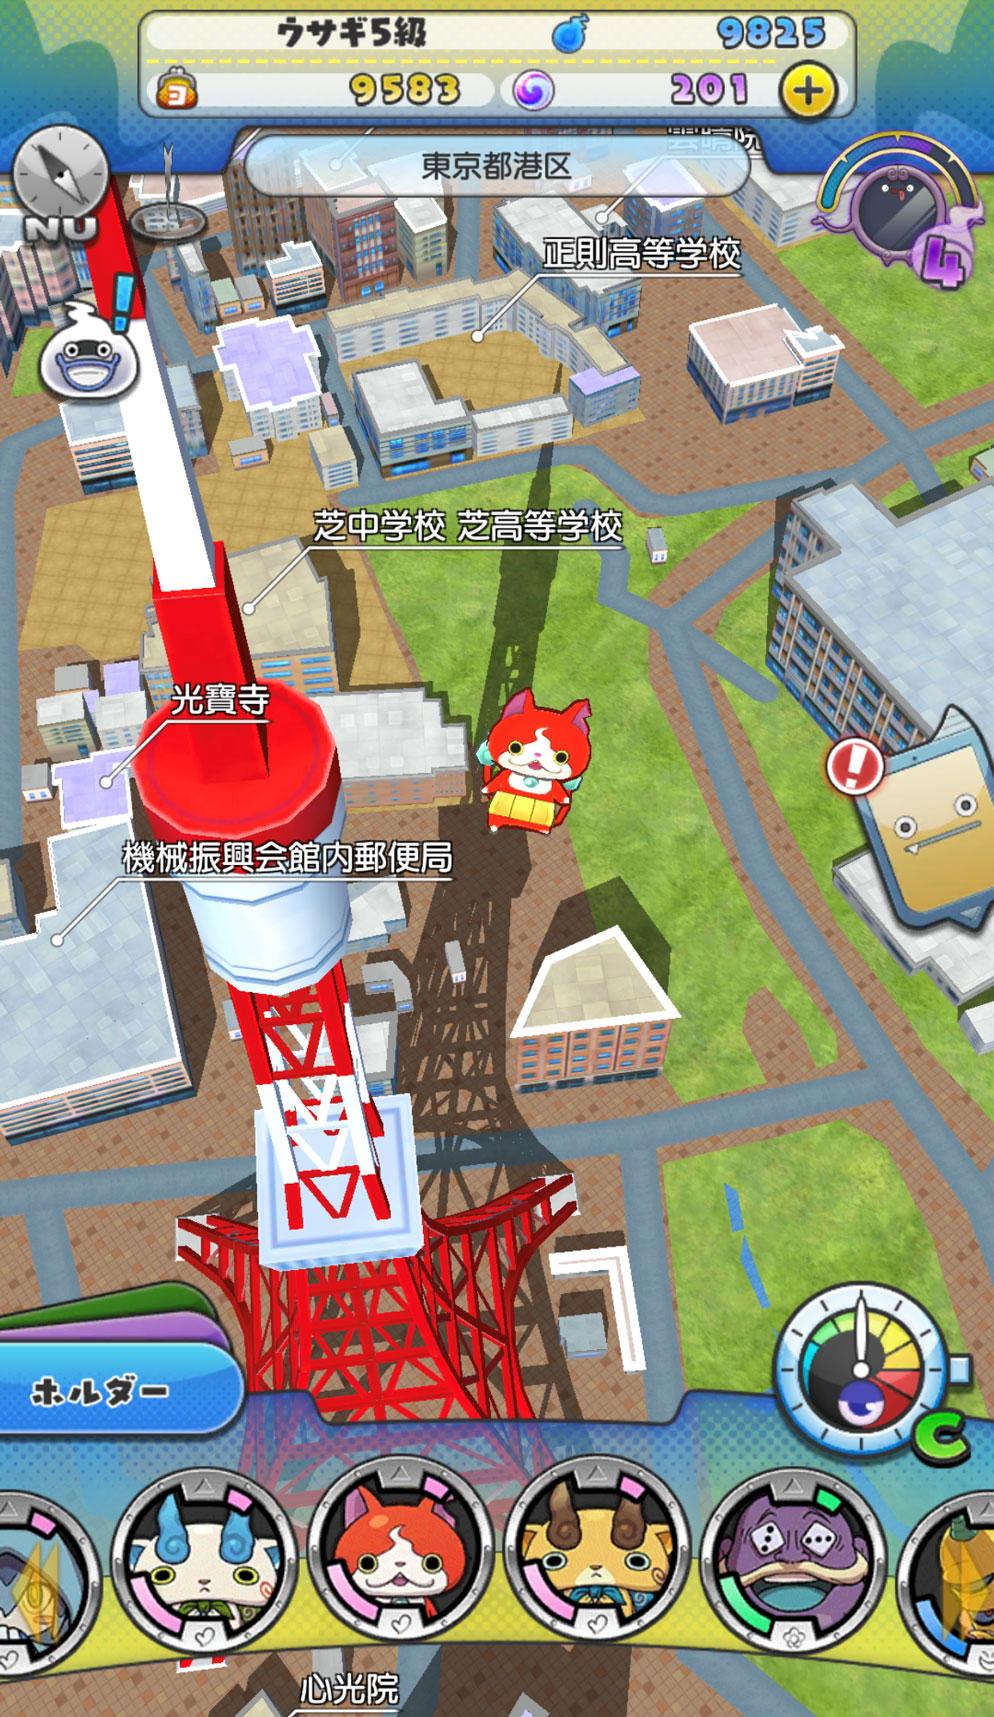 妖怪ウォッチの位置ゲー『妖怪ウォッチ ワールド』がリリース!リアル店舗とのコラボ展開も発表